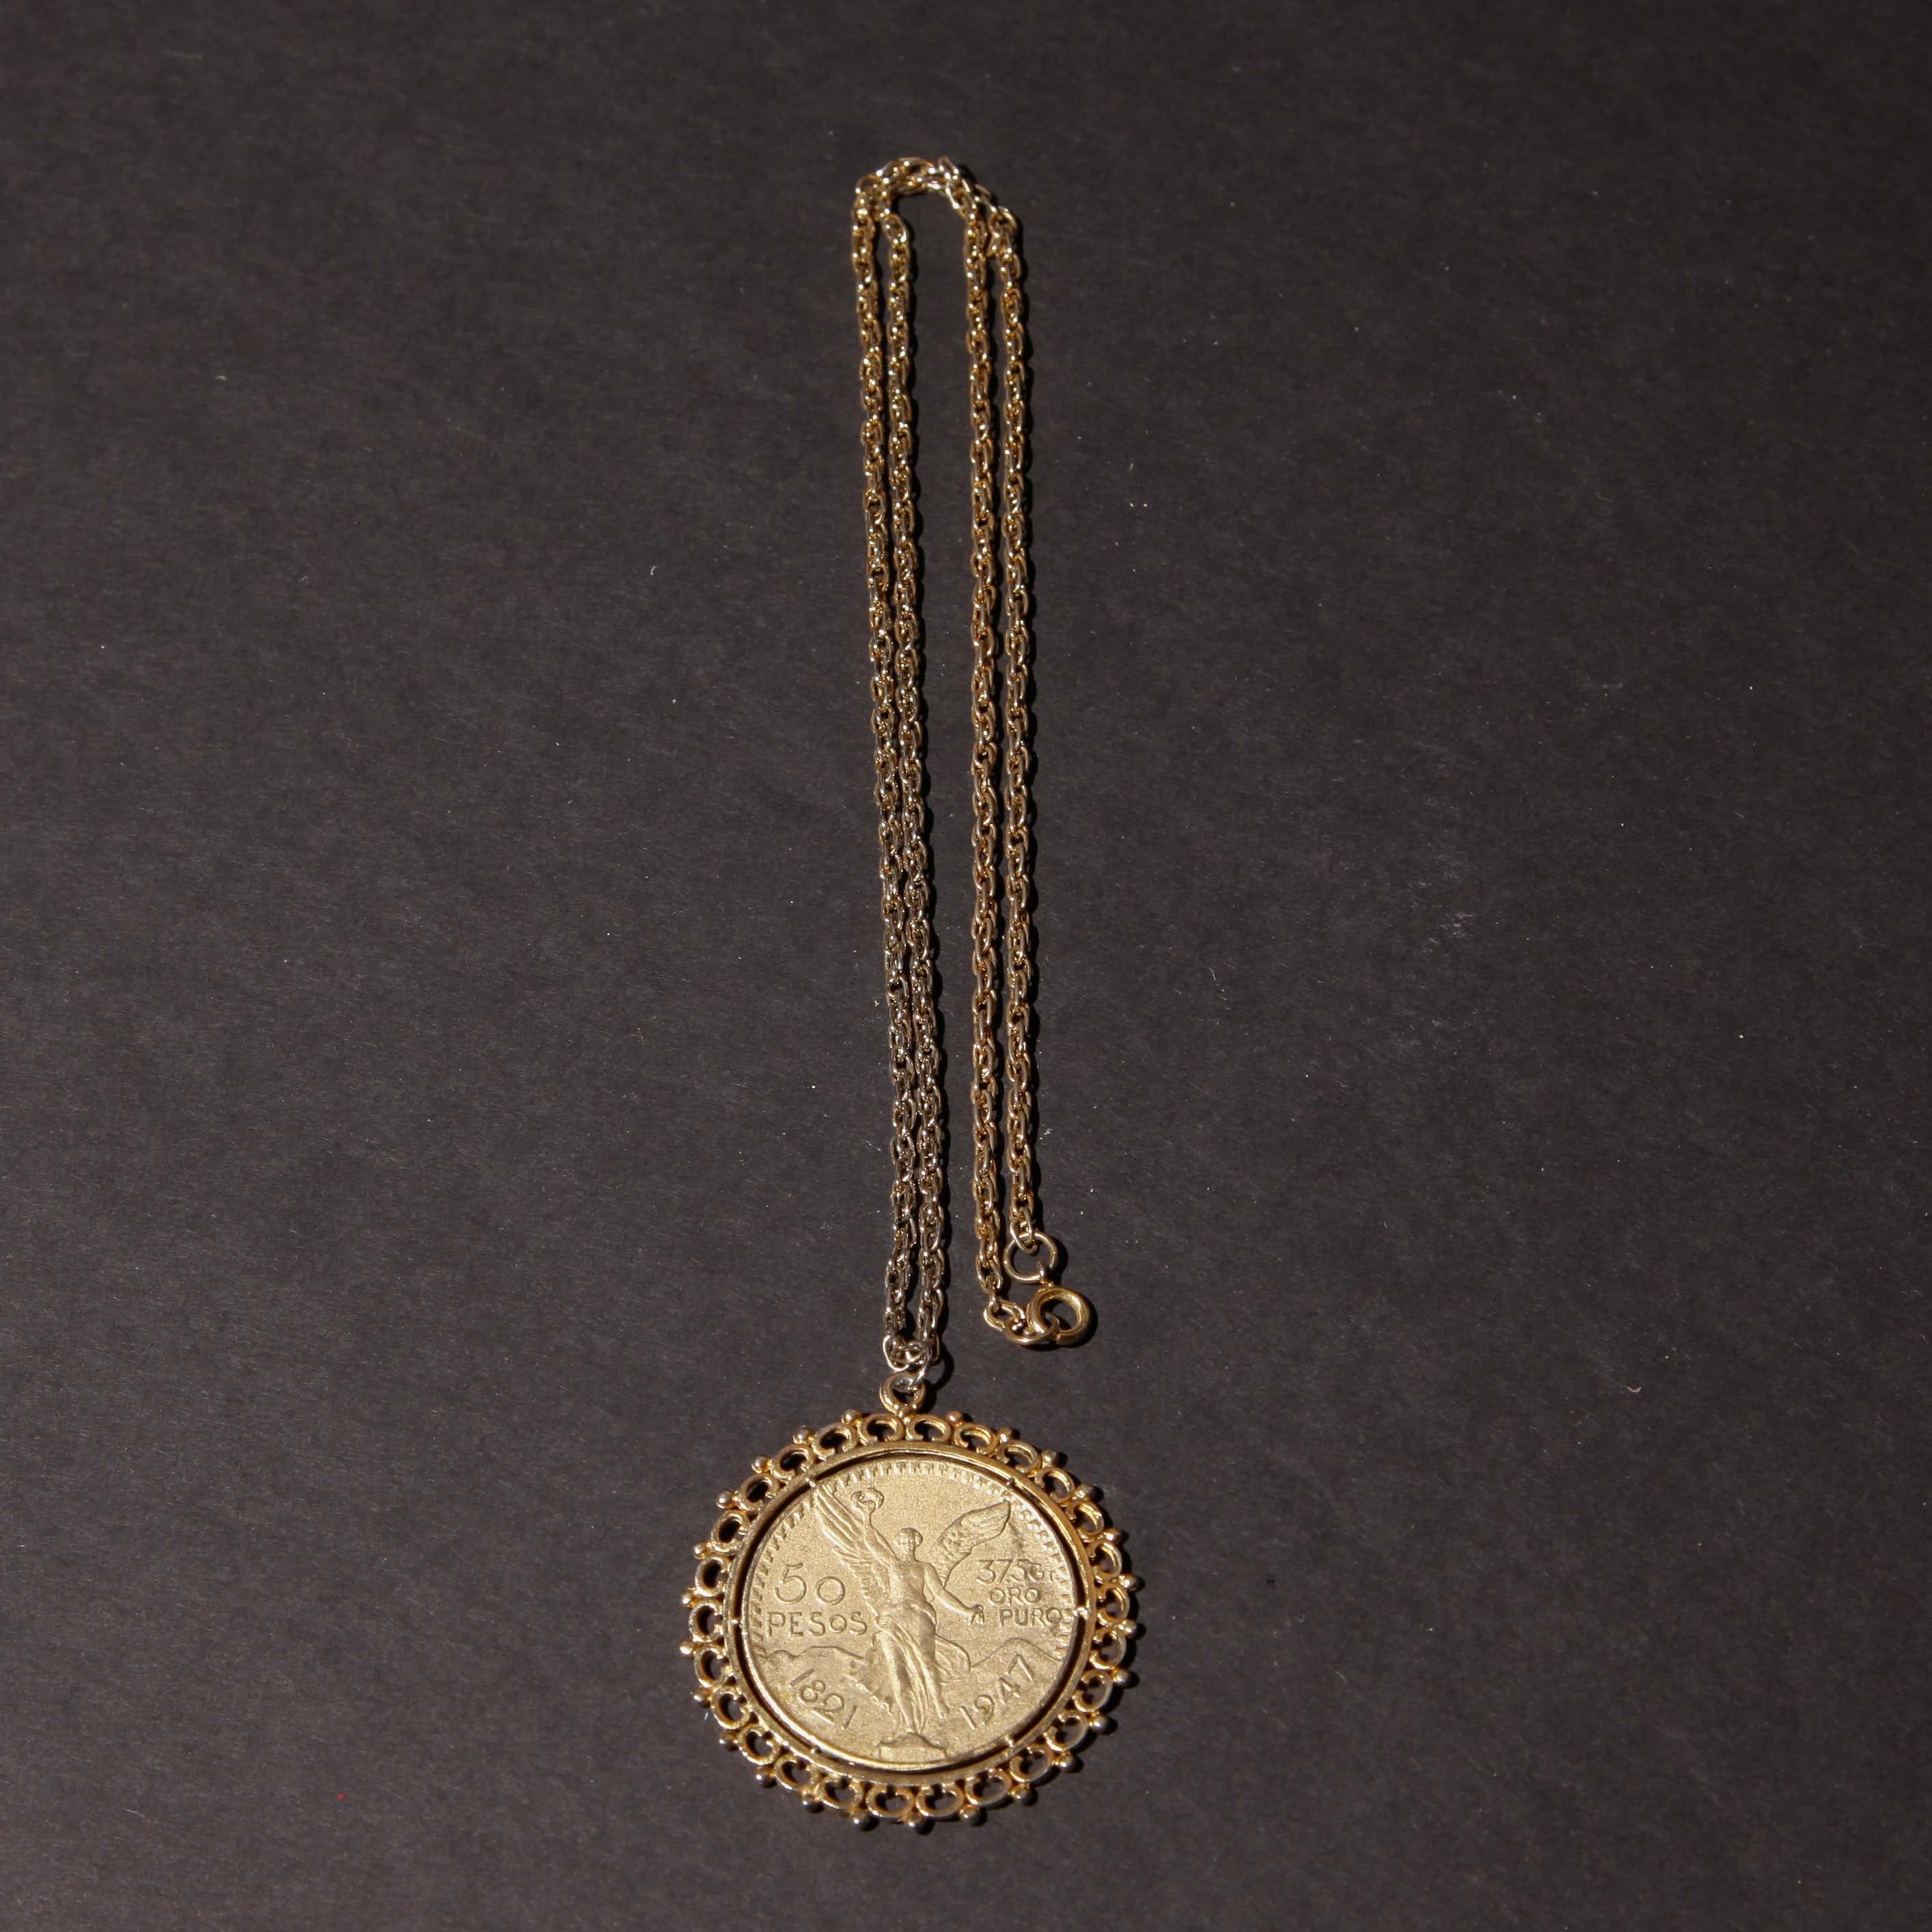 1947 Mexico 50 Pesos Gold Tone Necklace